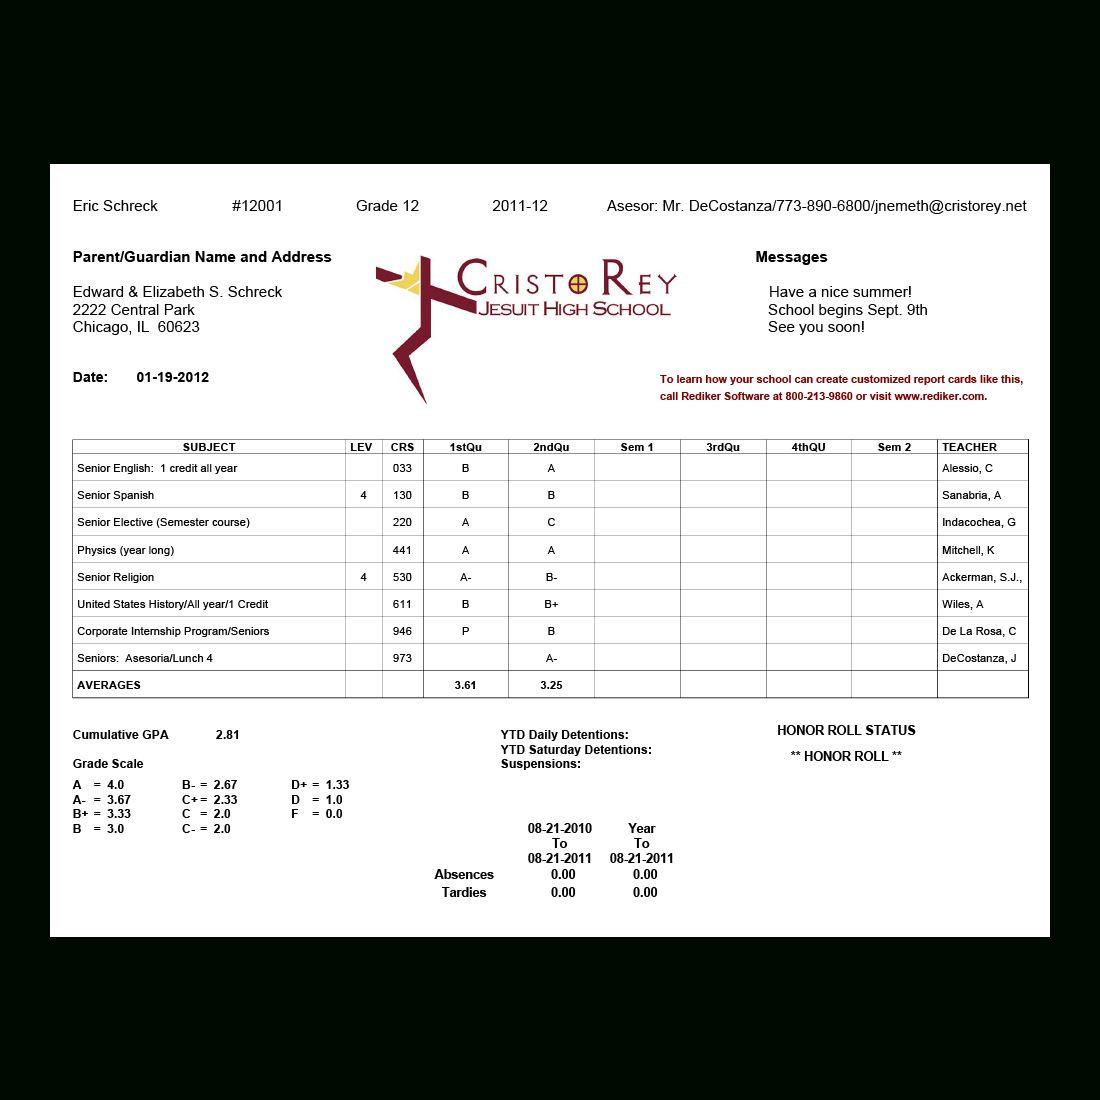 Report Card Software Grade Management Rediker Software Within High School Student Report Card Tem School Report Card Report Card Template Business Template